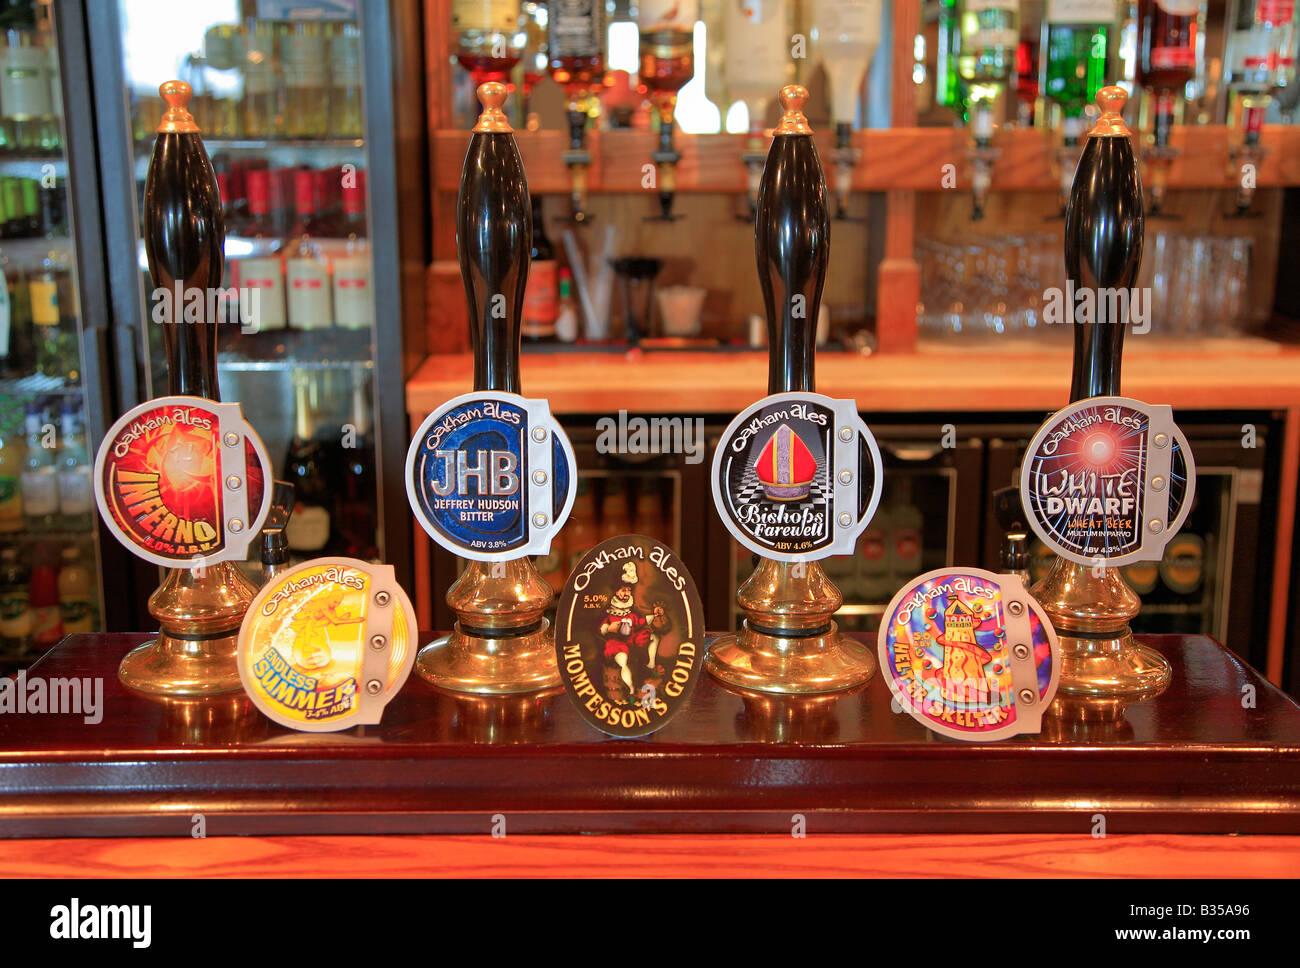 Salutations de la plus grande armée naine sur terre - Page 7 Selection-de-pompes-a-biere-brasserie-oakham-ales-dans-un-pub-bar-real-ale-reglage-b35a96